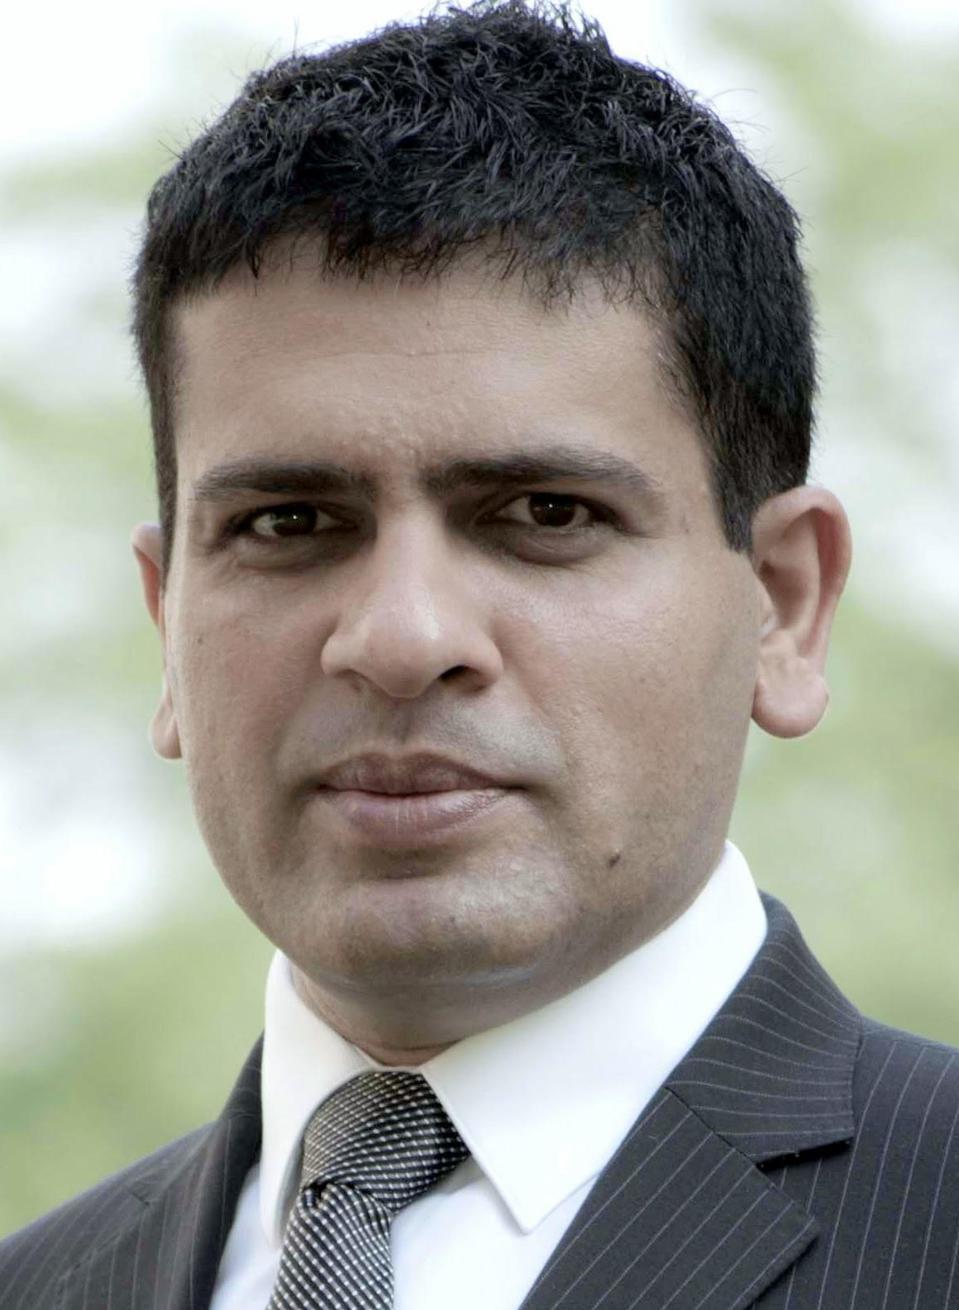 Pawan Verma has won the Forbes CIO Innovation Award